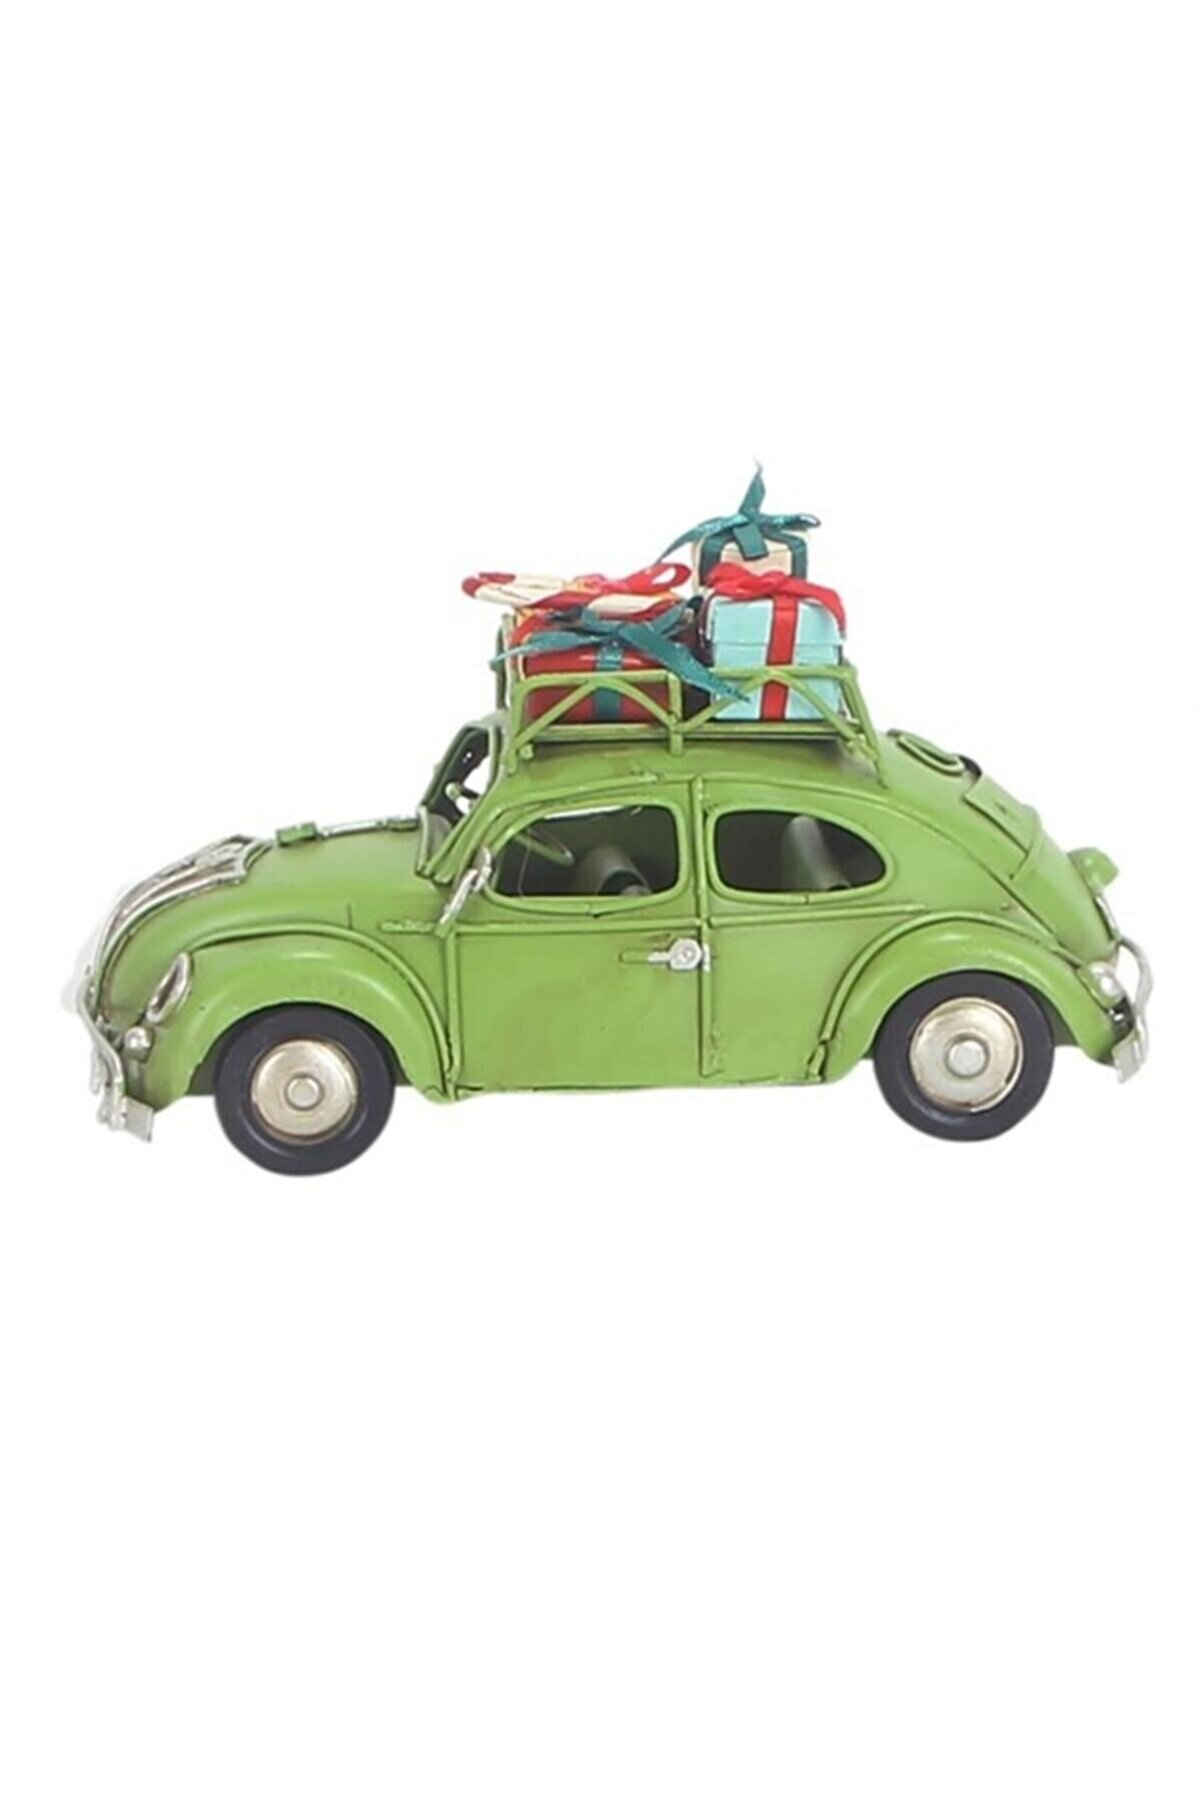 HediyeKanalı Dekoratif Metal Vosvos Yeşil Araba